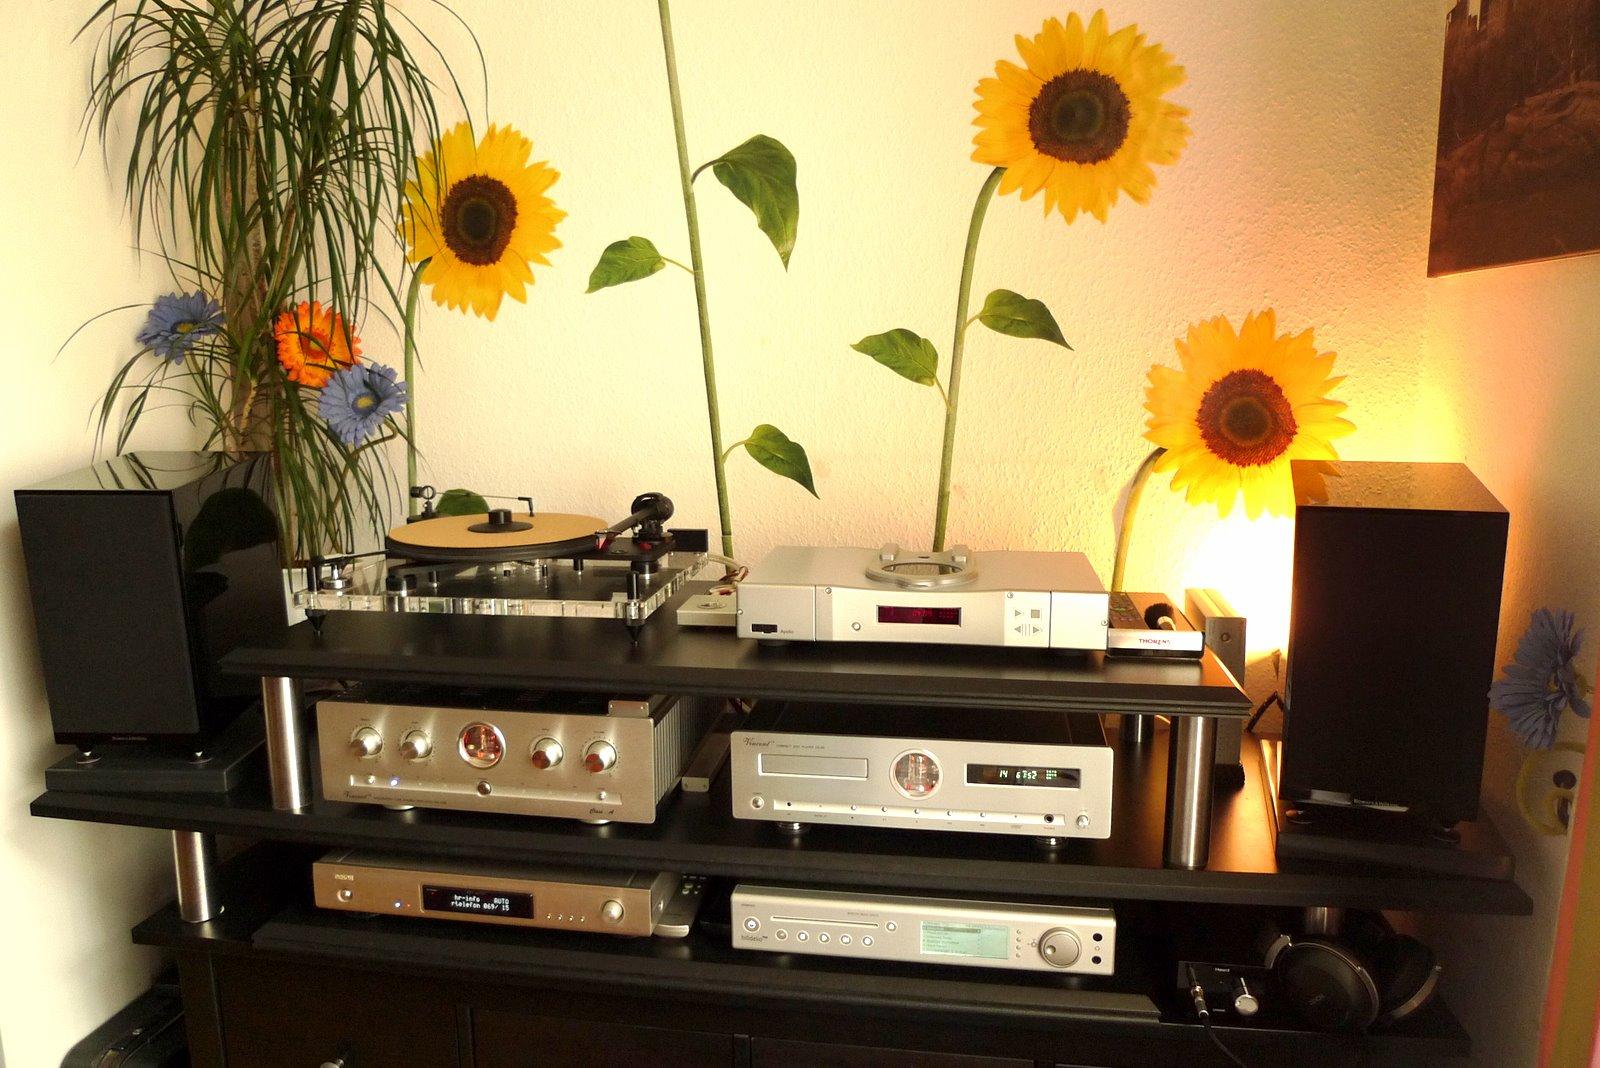 Arbeitszimmer hifi gebraucht kaufen und verkaufen hifi anlagen f r unicef auf - Audio anlage wohnzimmer ...